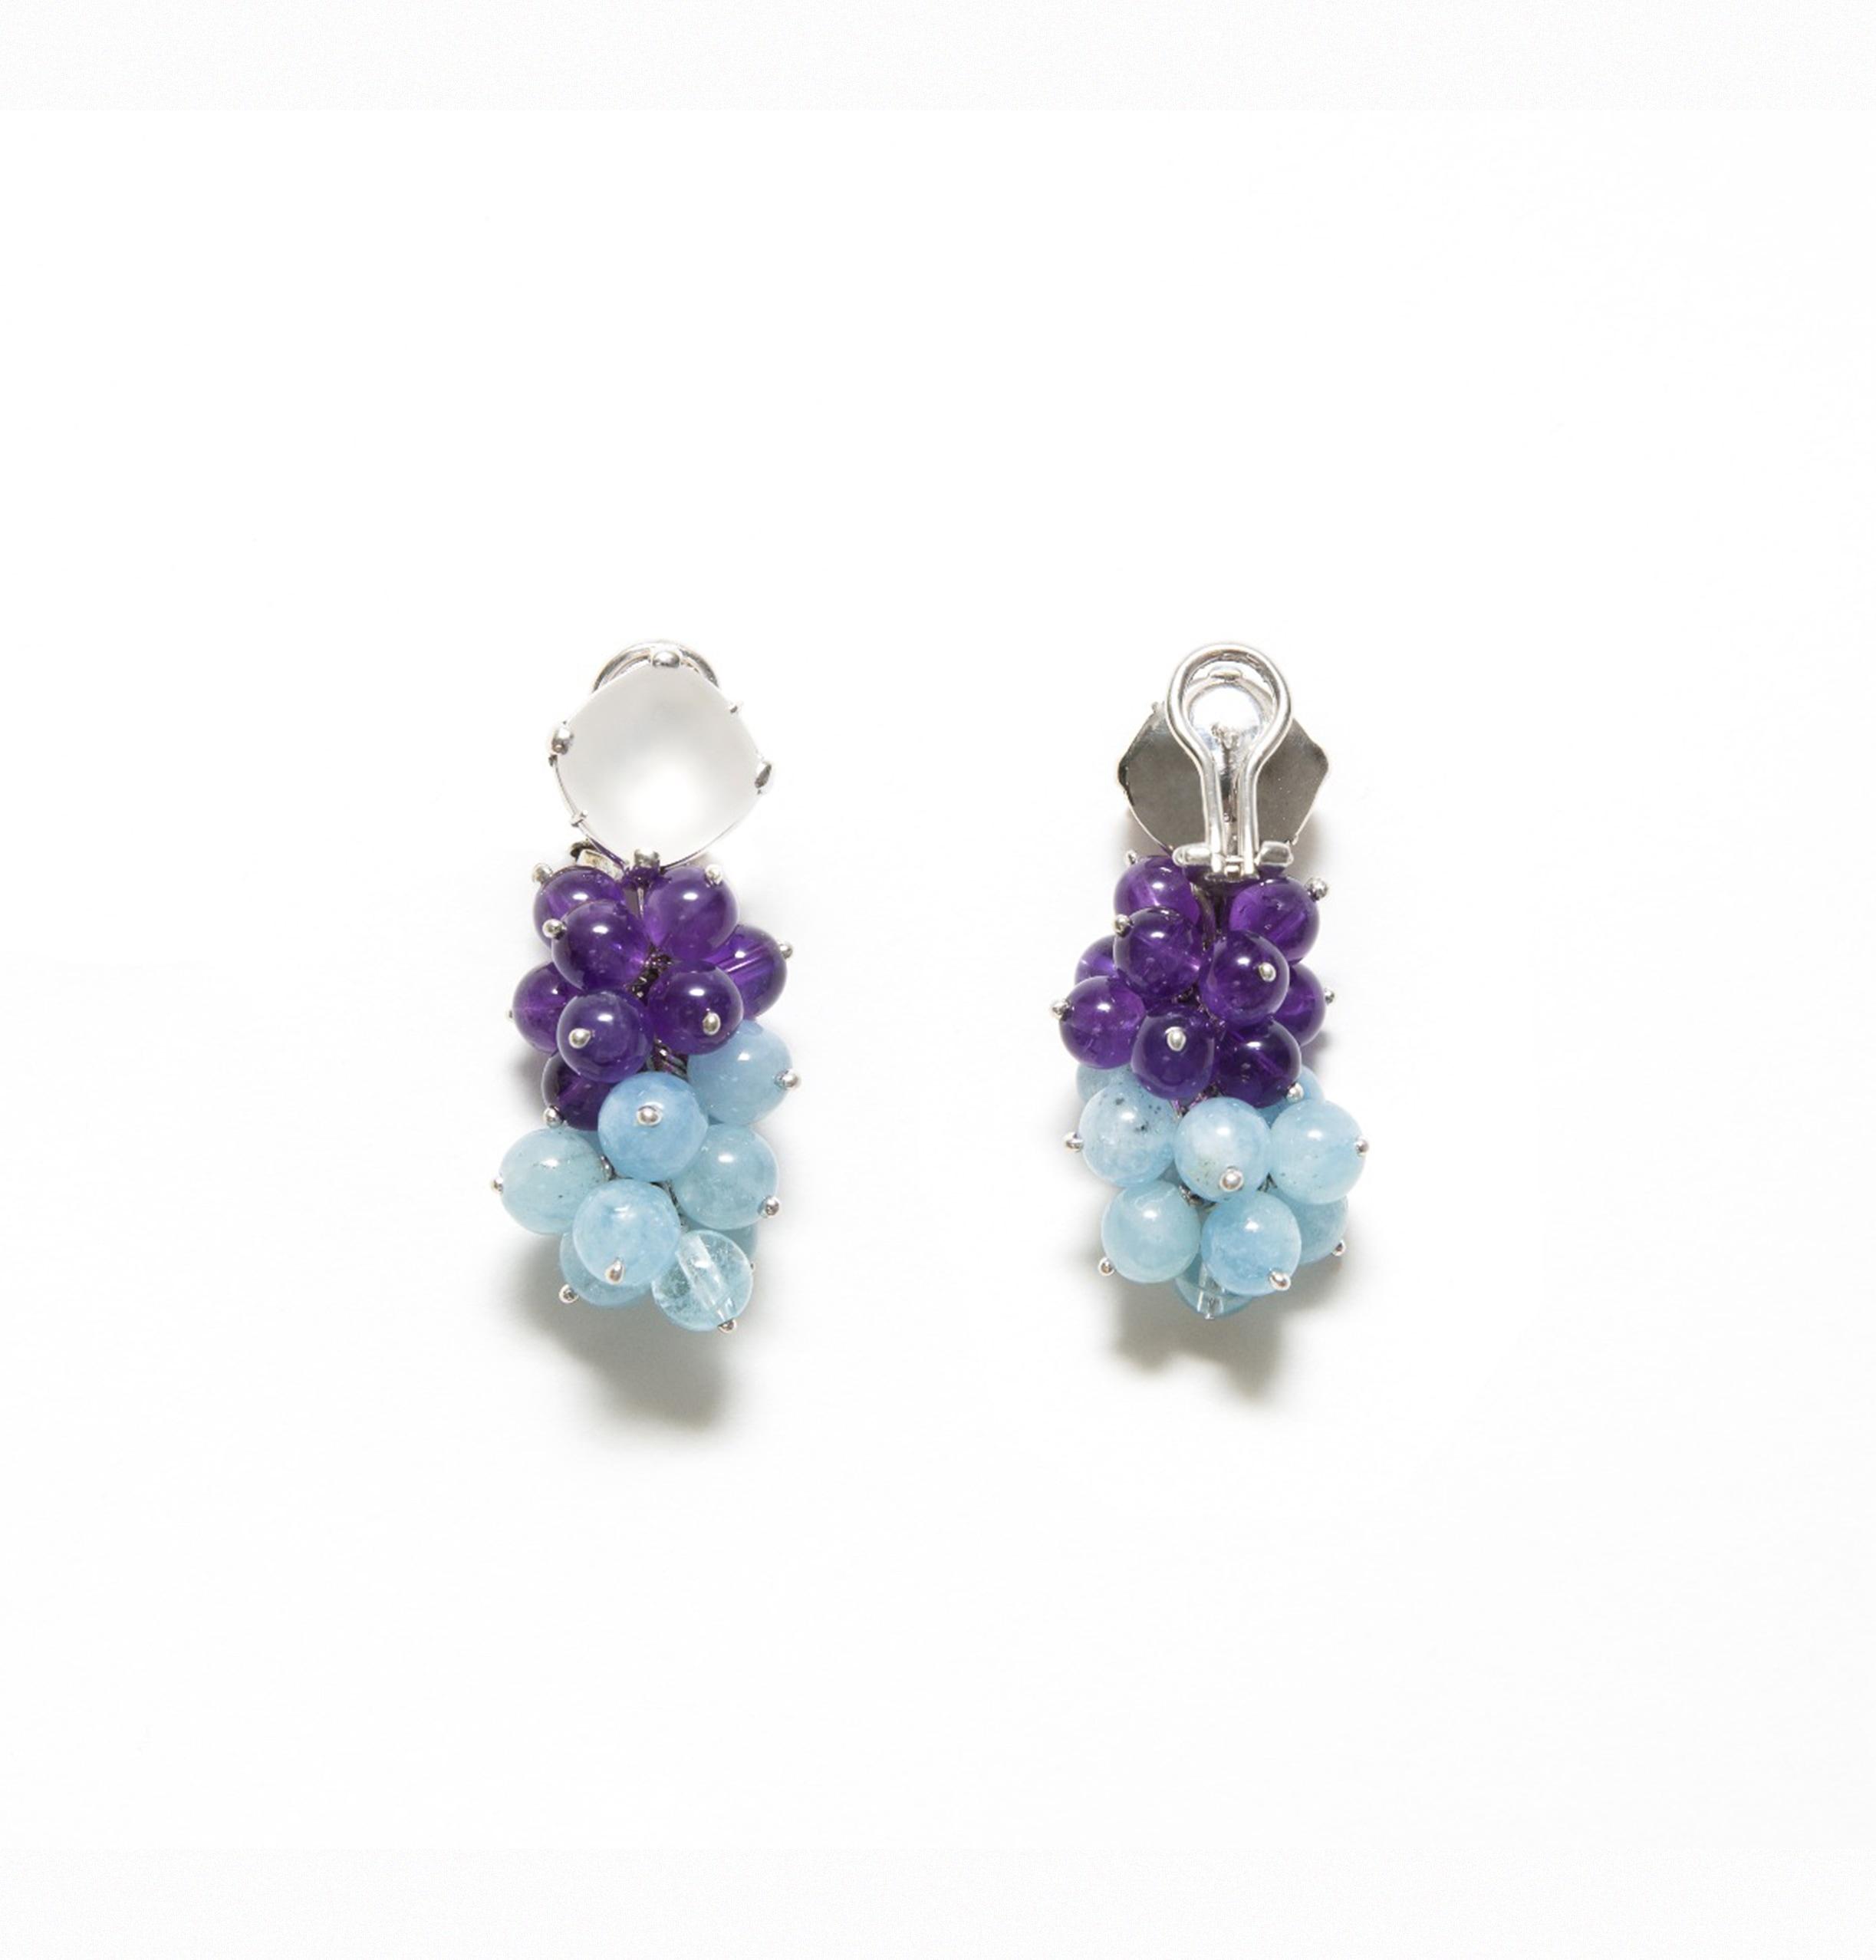 925 Silver pendant earrings